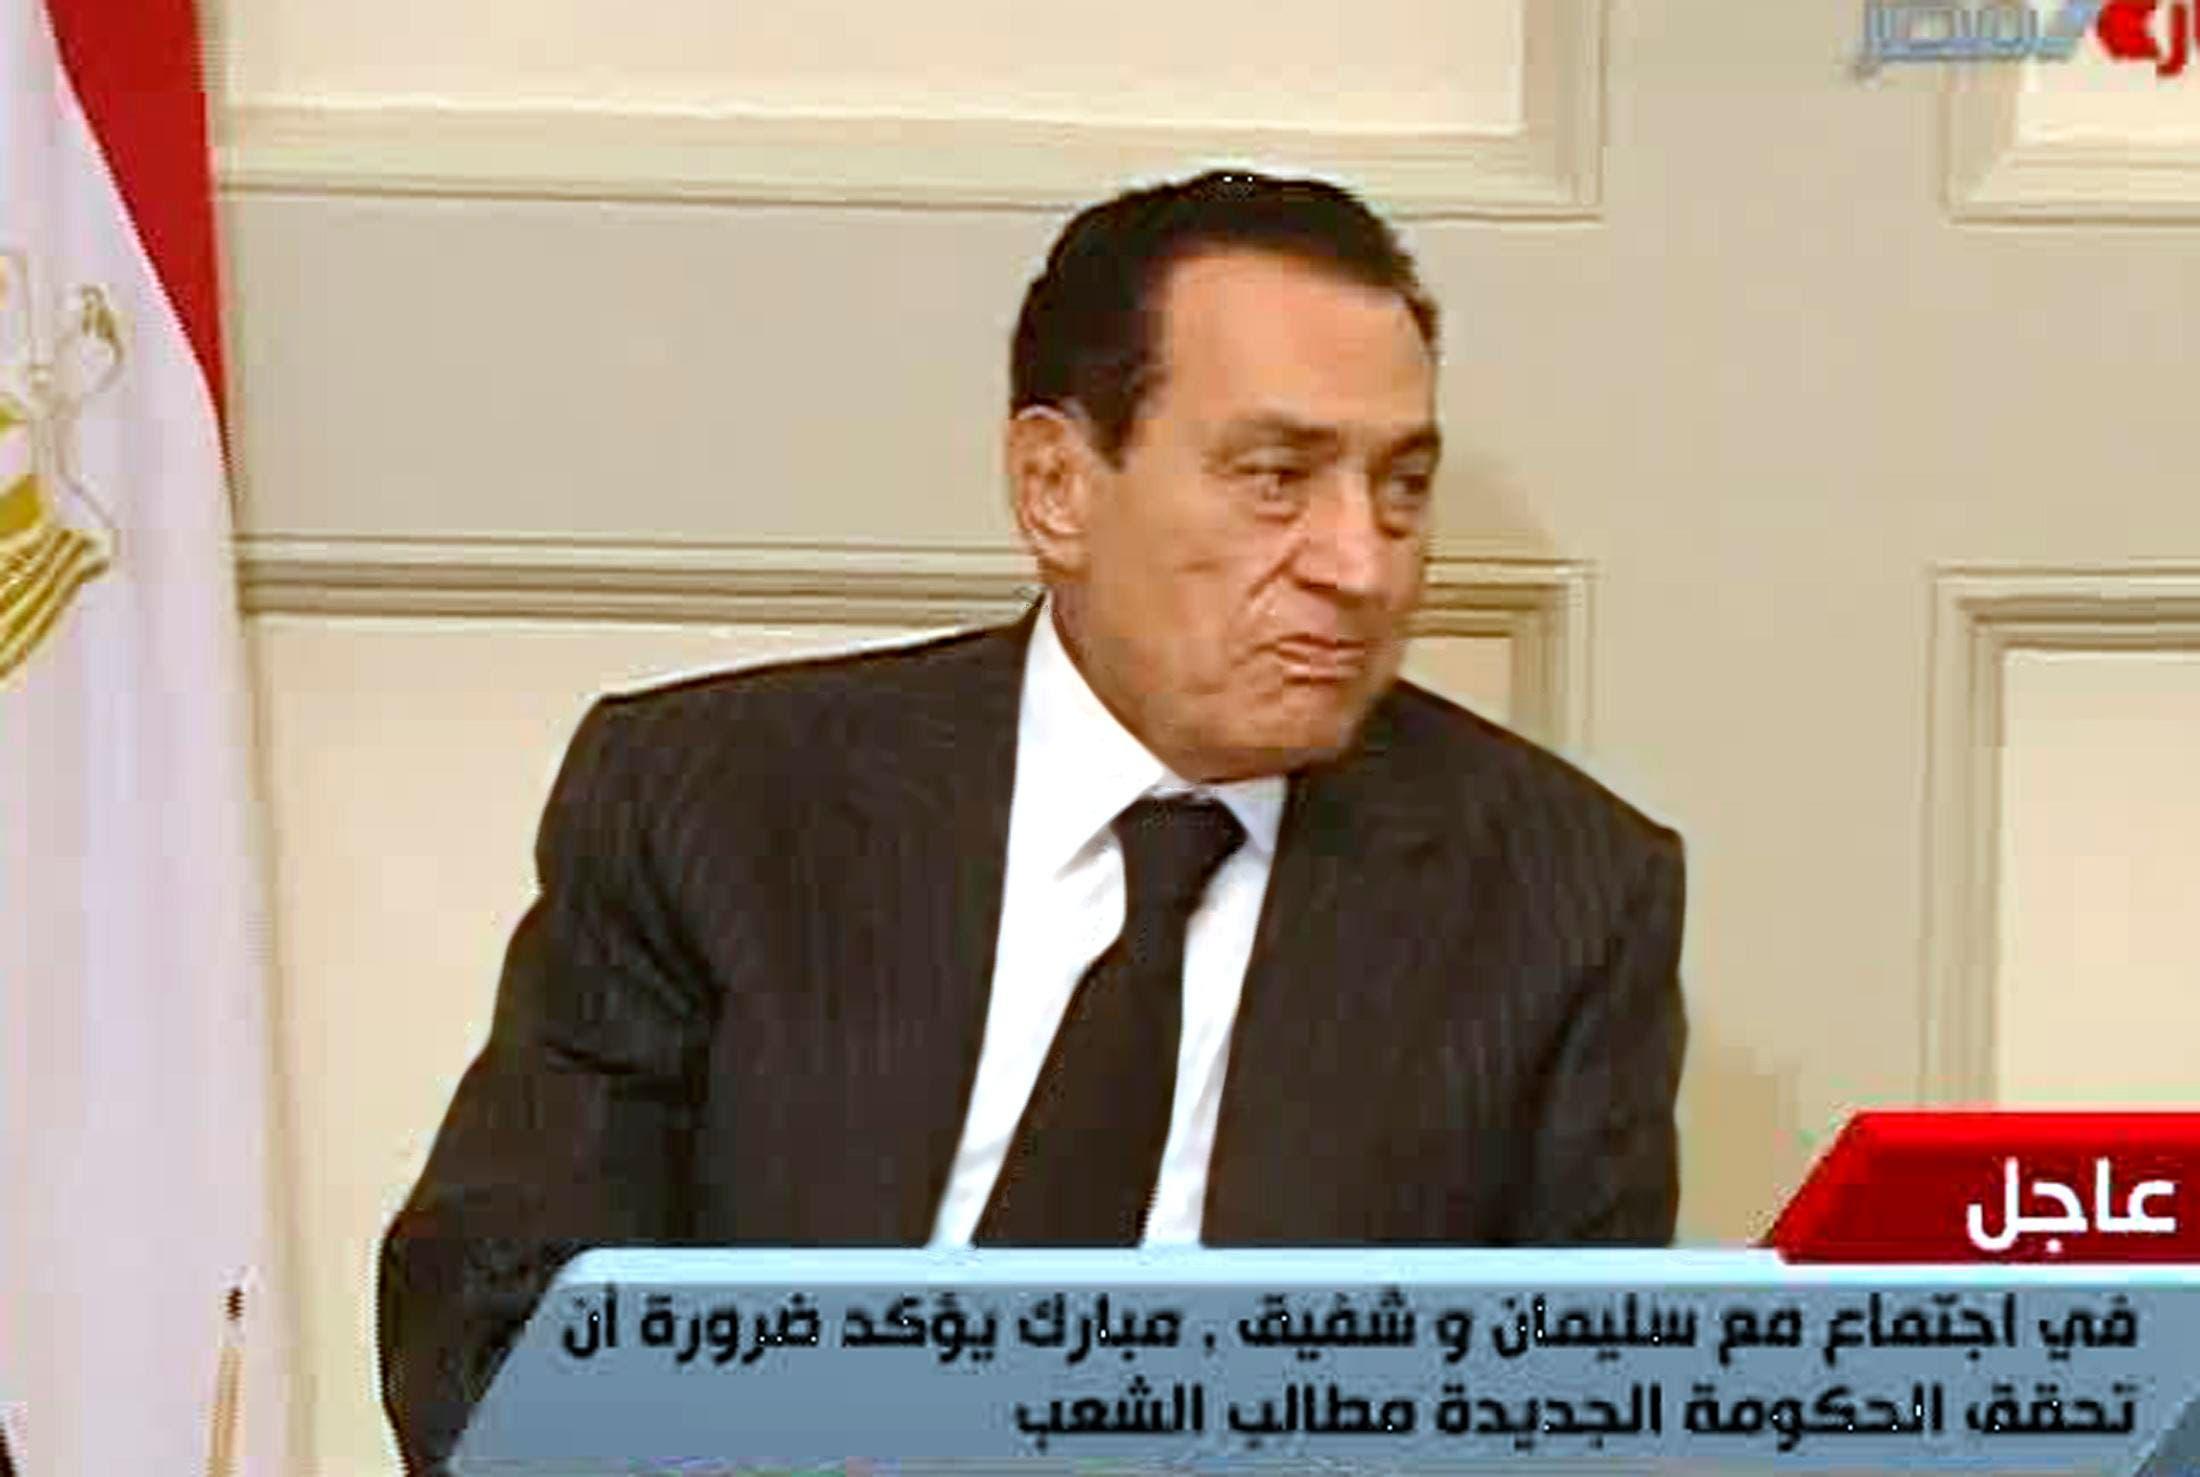 Remembering Egypt's Jan. 25 revolution